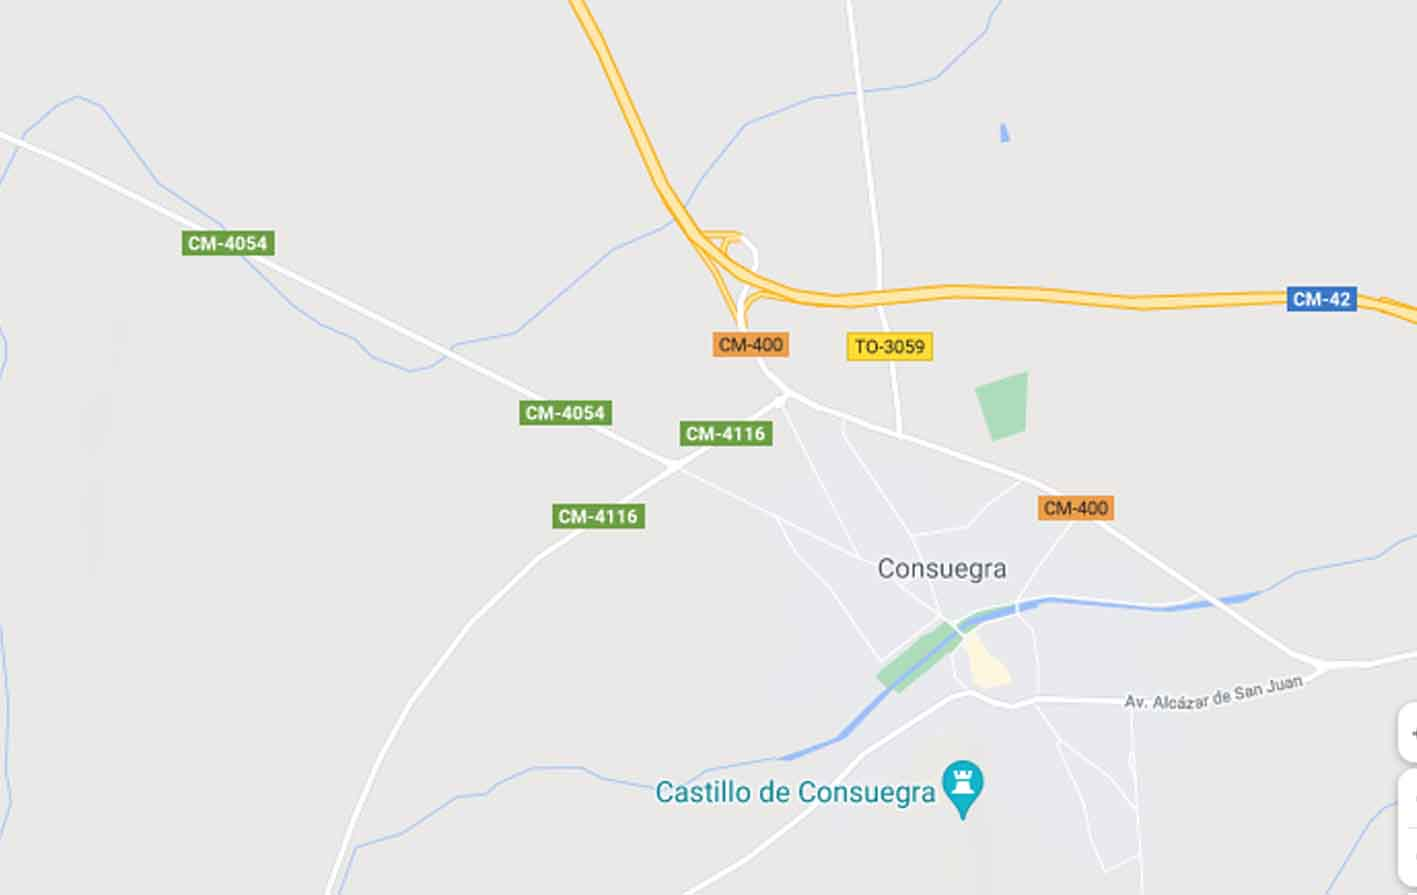 Mapa de Consuegra donde ha escapado un caballo